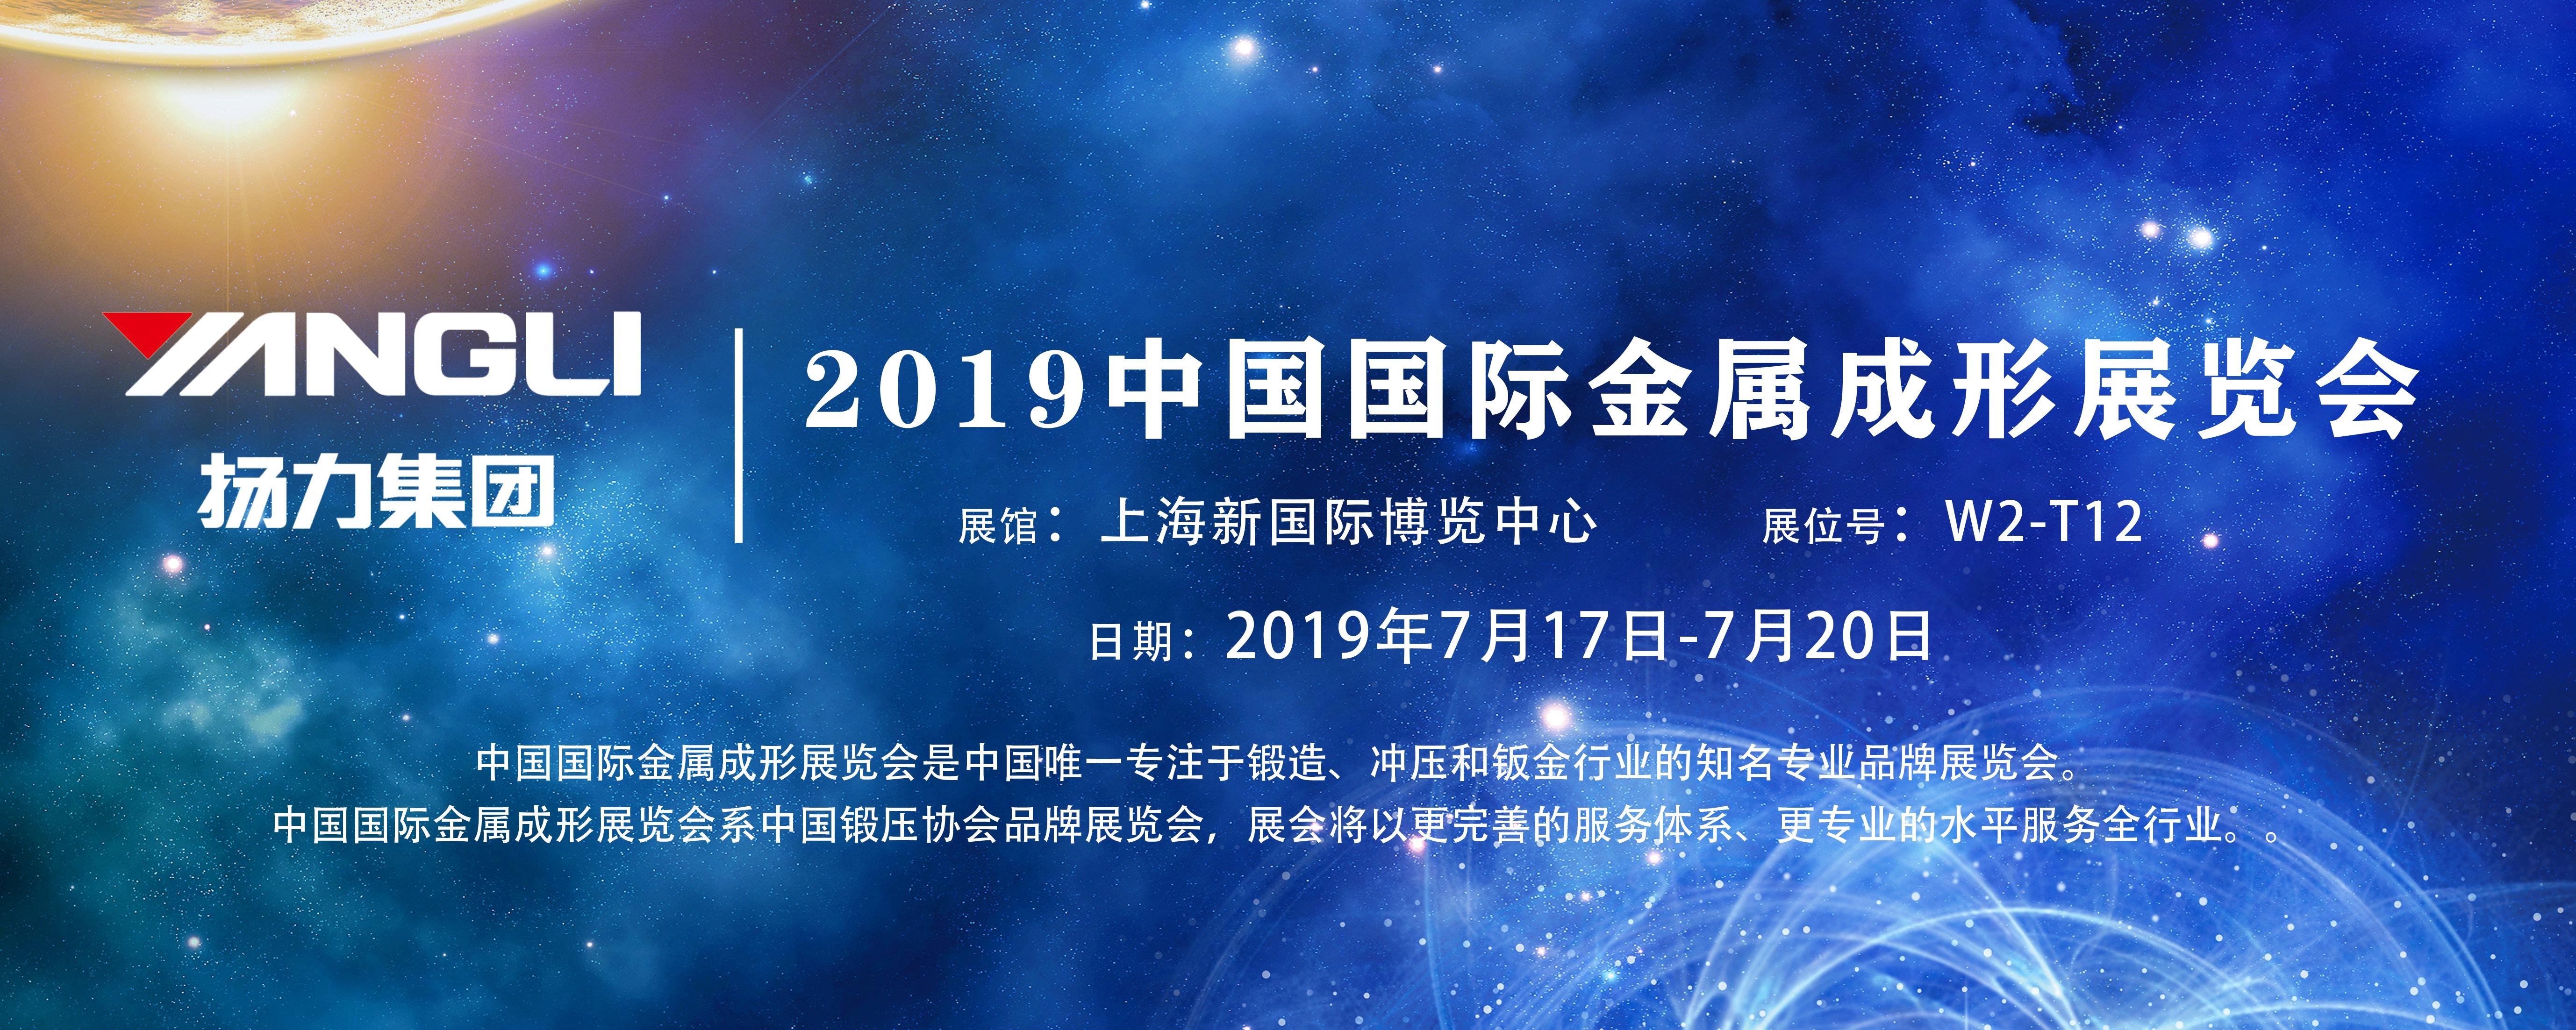 展会预告丨扬力集团即将参展2019中国国际金属成形展览会!